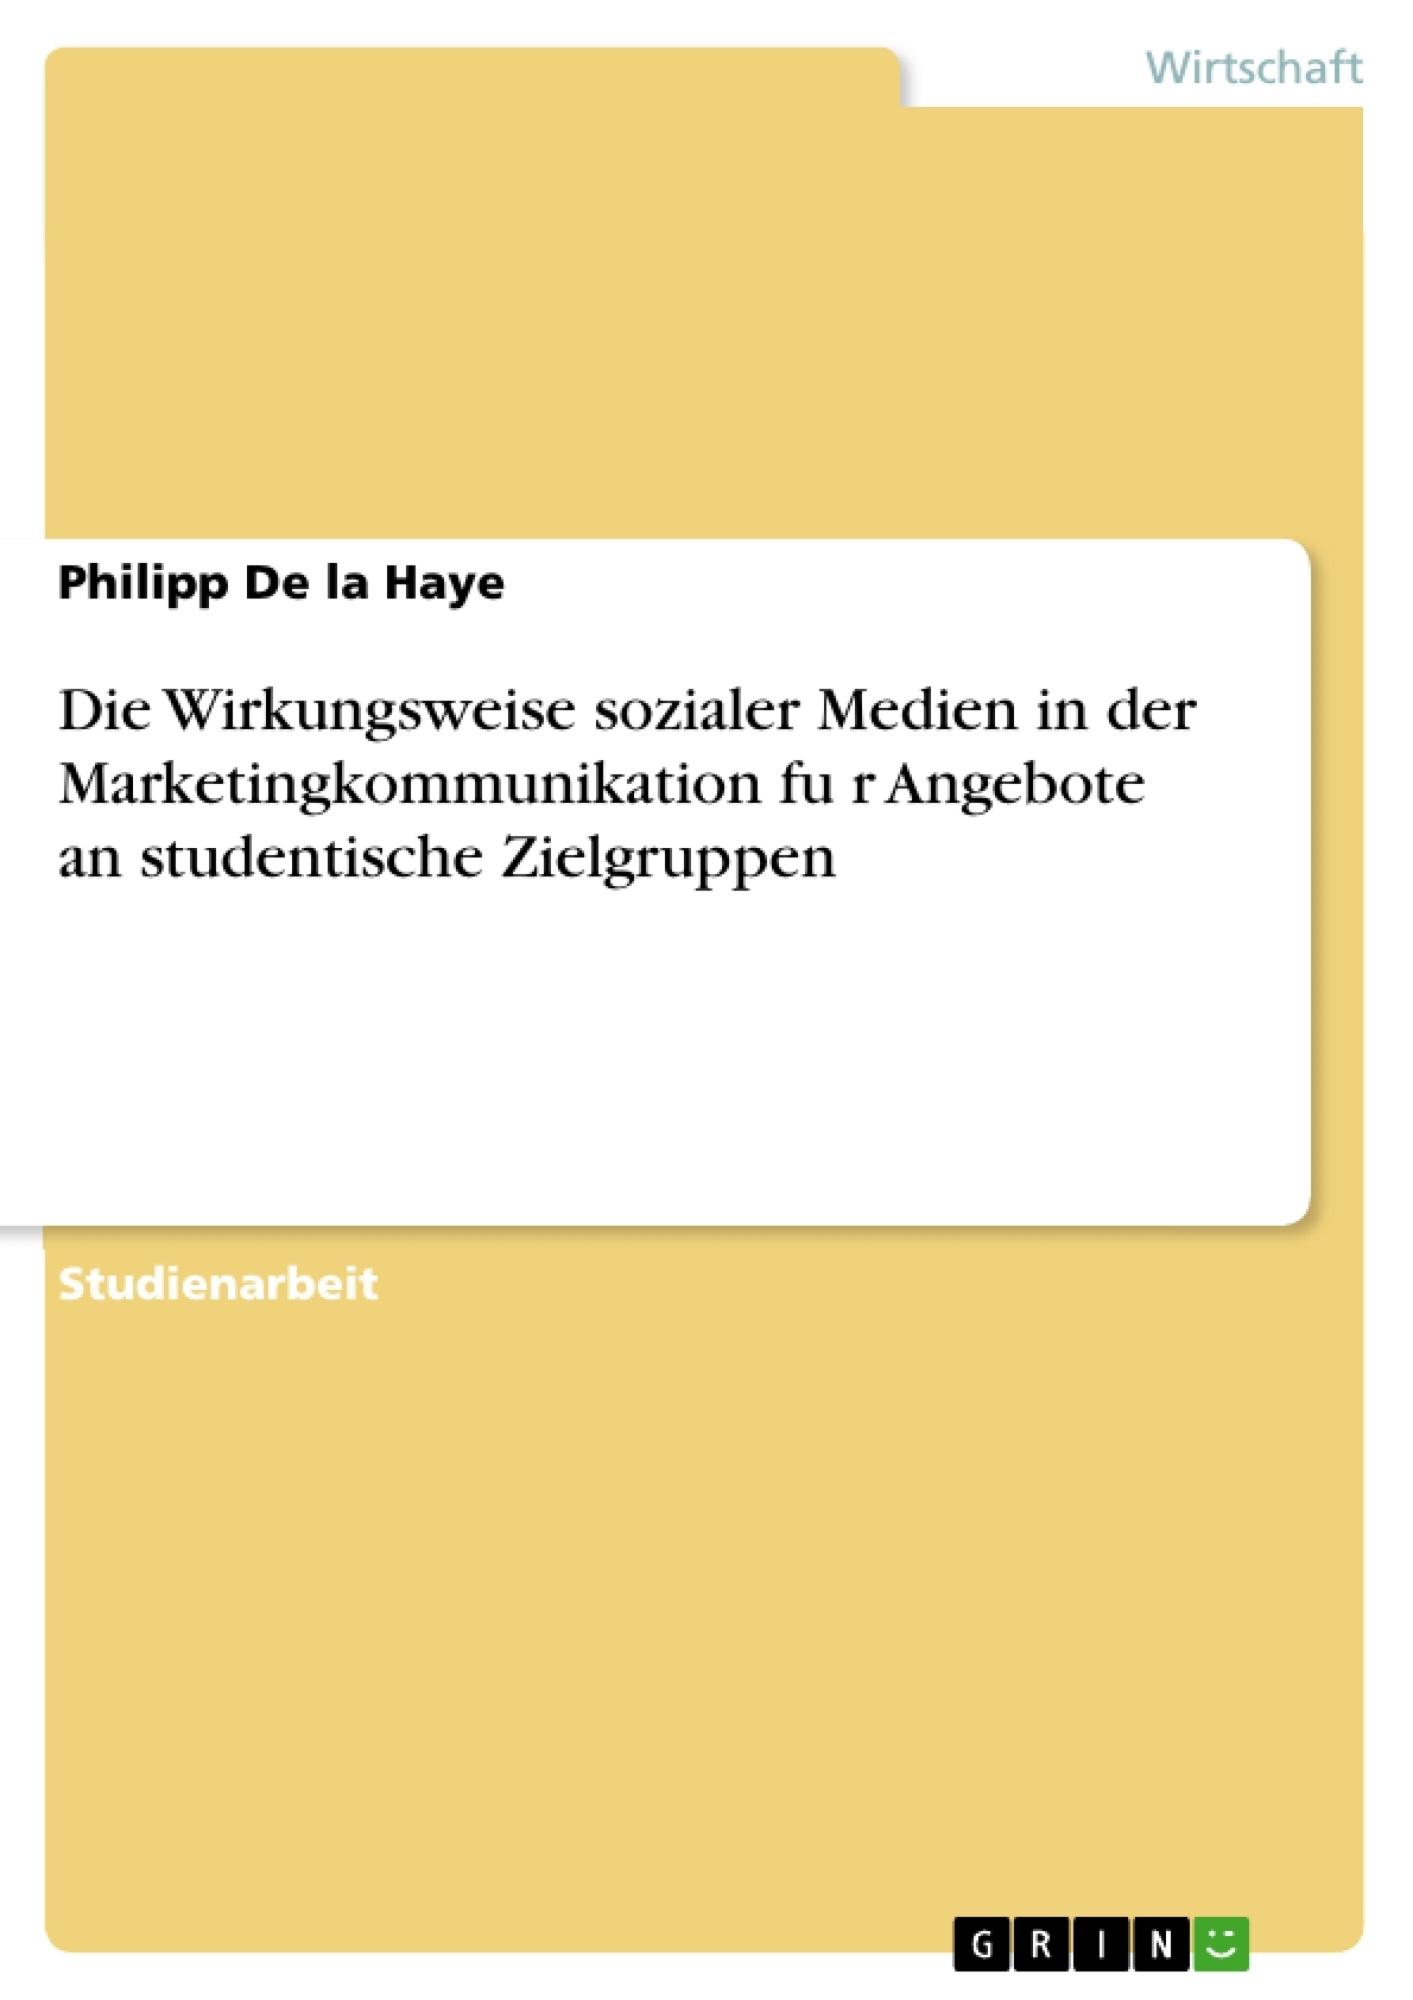 Titel: Die Wirkungsweise sozialer Medien in der Marketingkommunikation für Angebote an studentische Zielgruppen